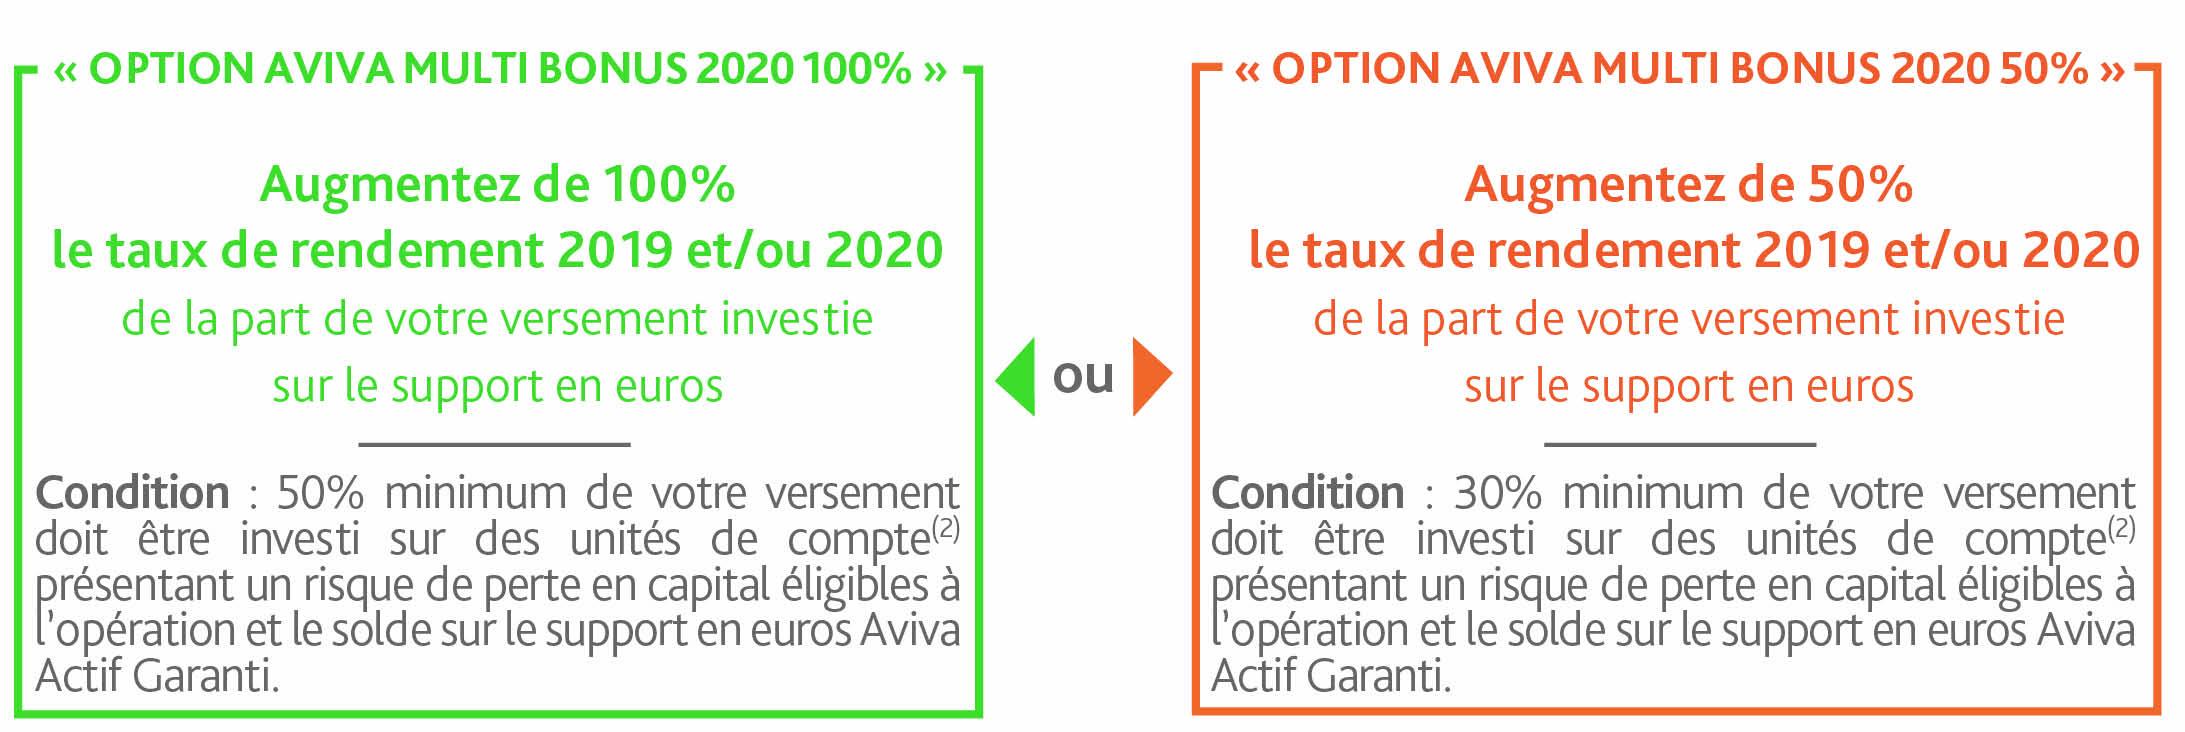 https://www.assurancevie.com/assets/images/aviva_multi_bonus/Aviva_multi_bonus_encadre_option.jpg